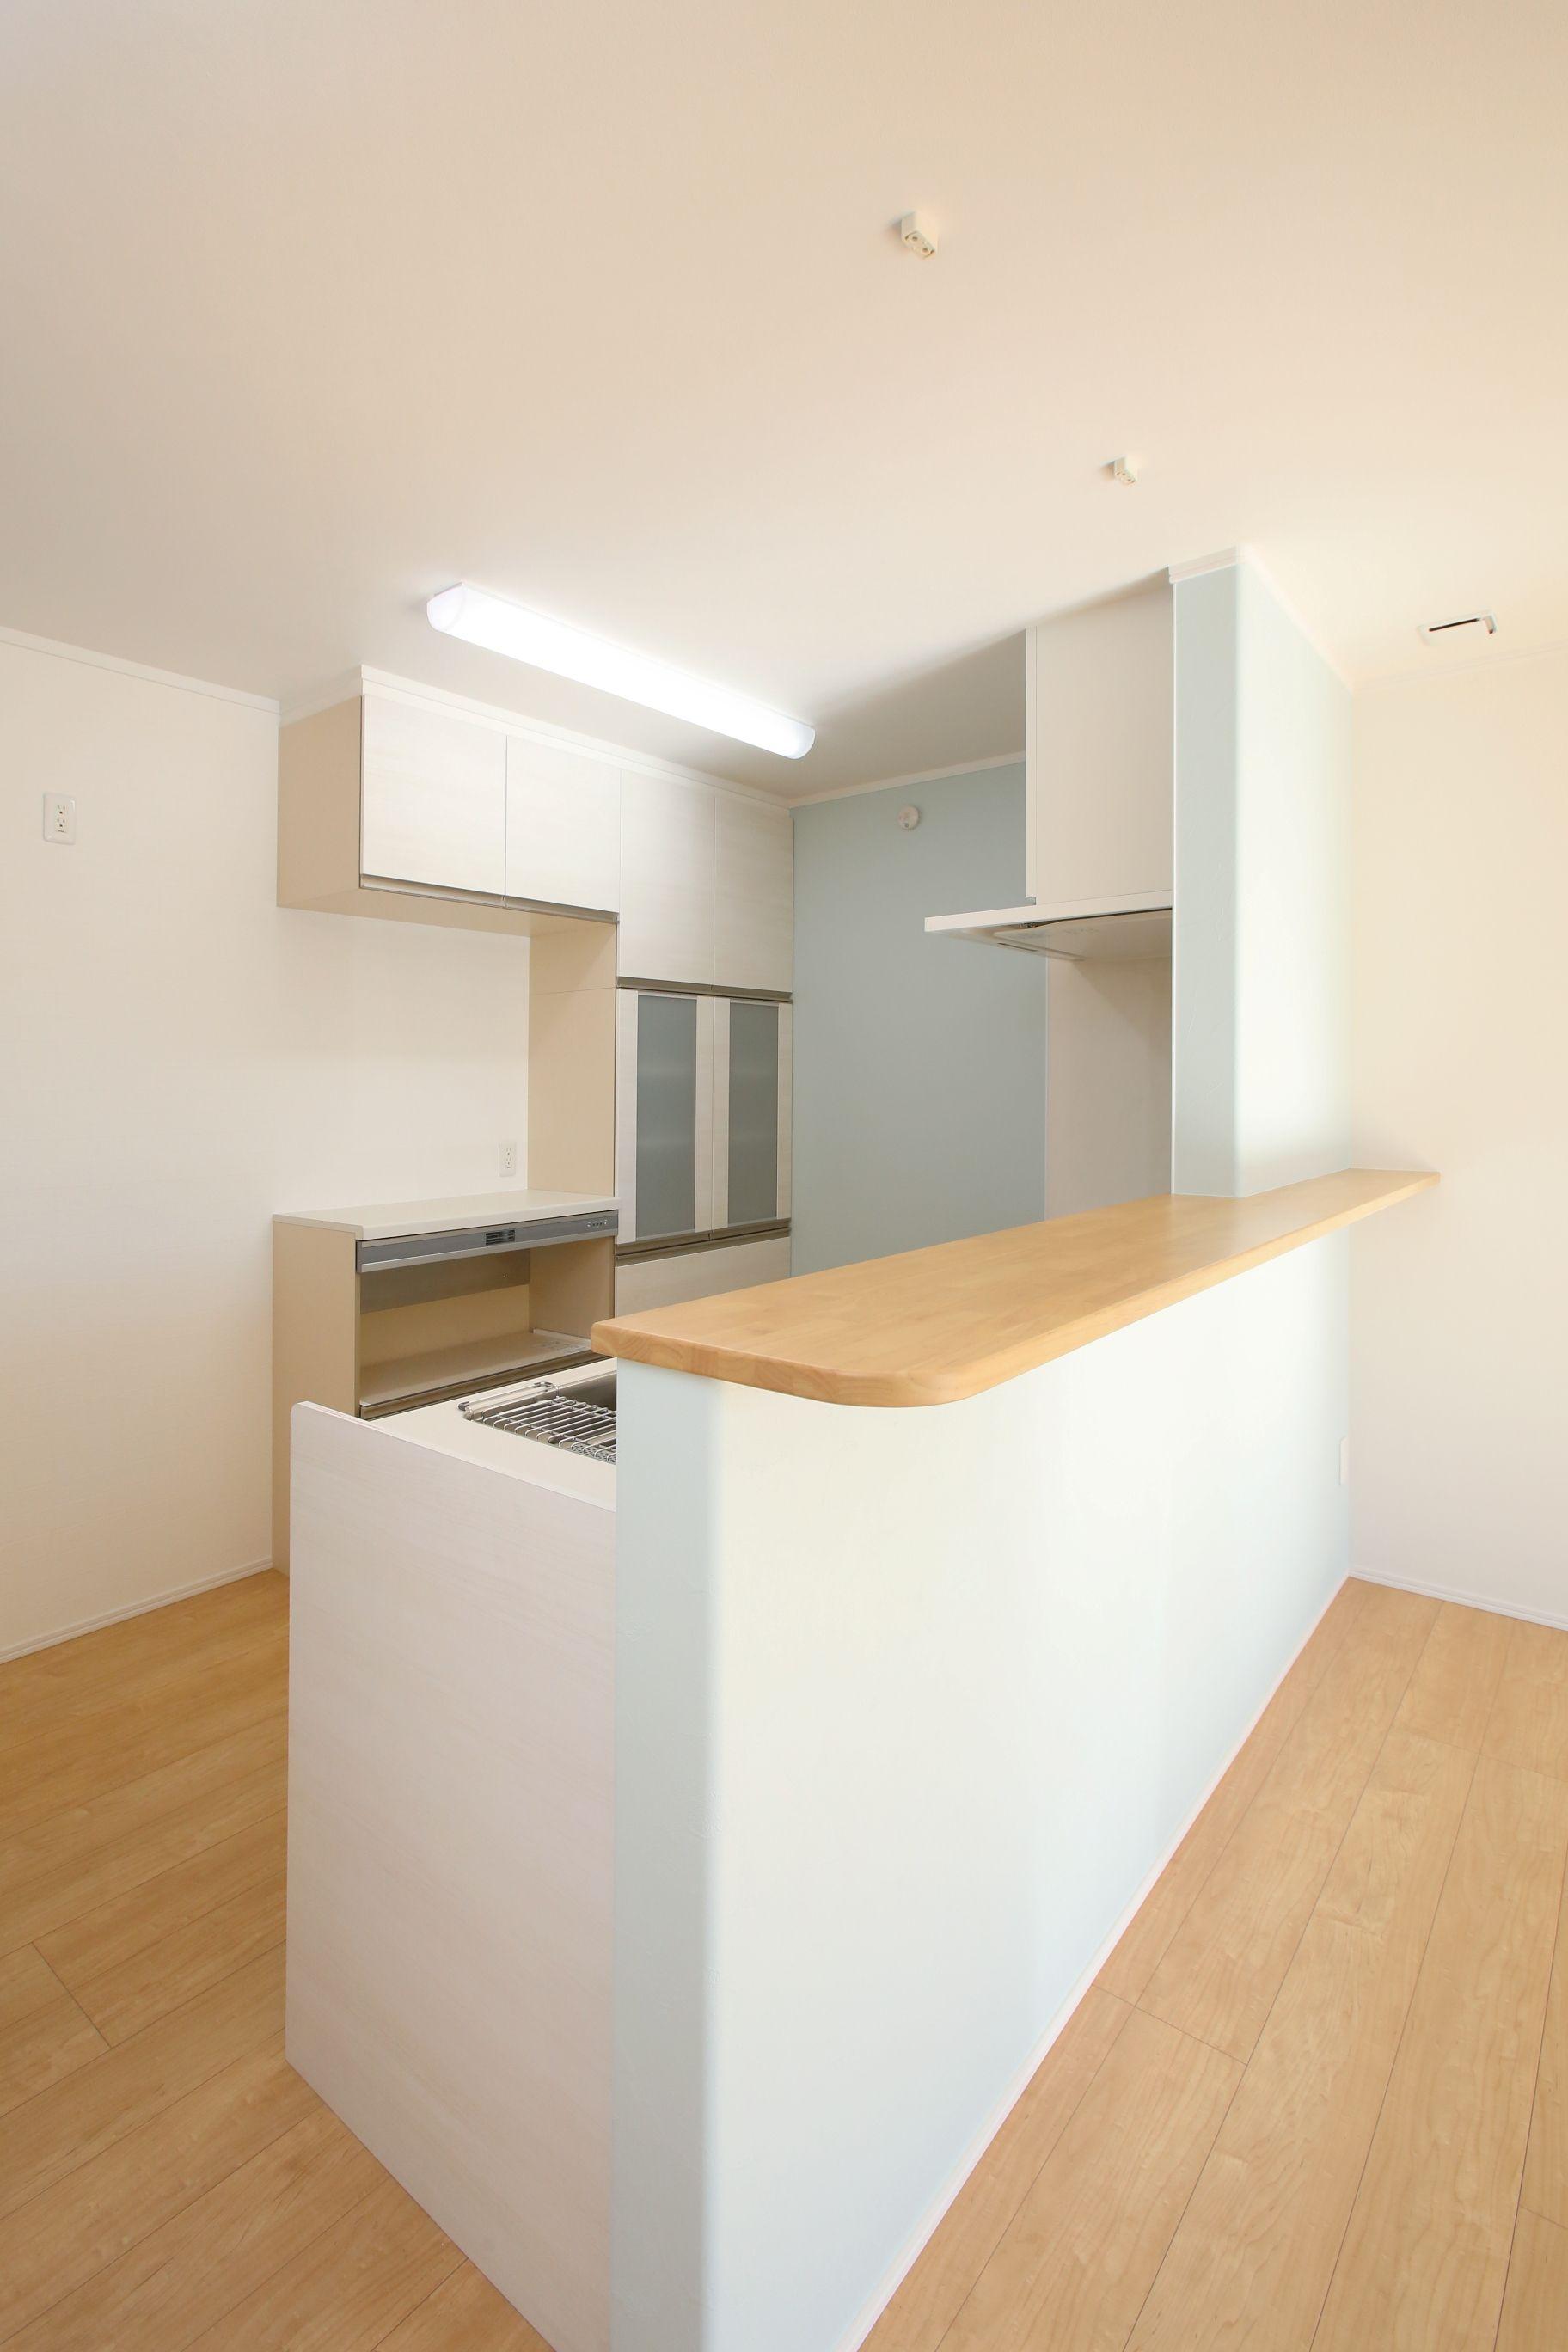 水色の壁紙がかわいいナチュラルな雰囲気のキッチンカウンター キッチンデザイン キッチン キッチンカウンター